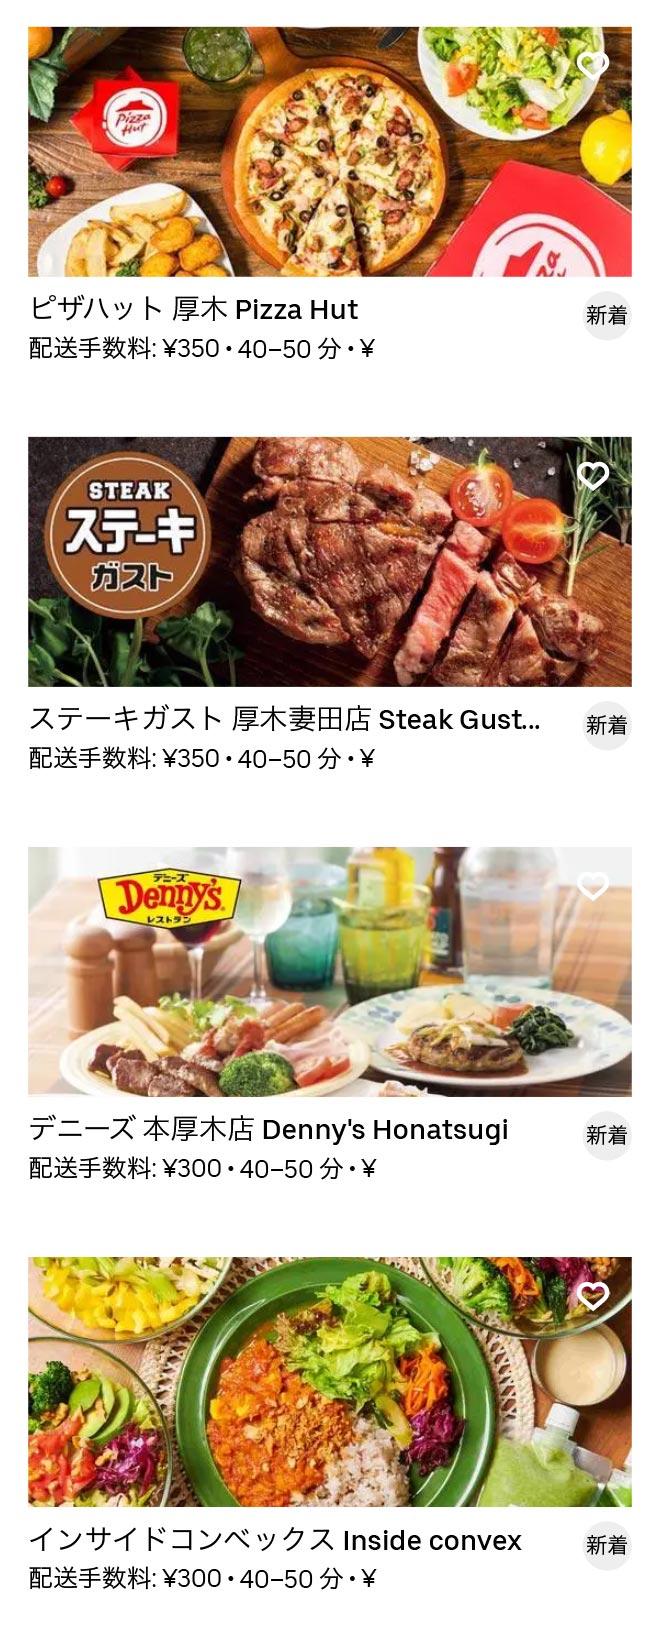 Ebina menu 2010 04